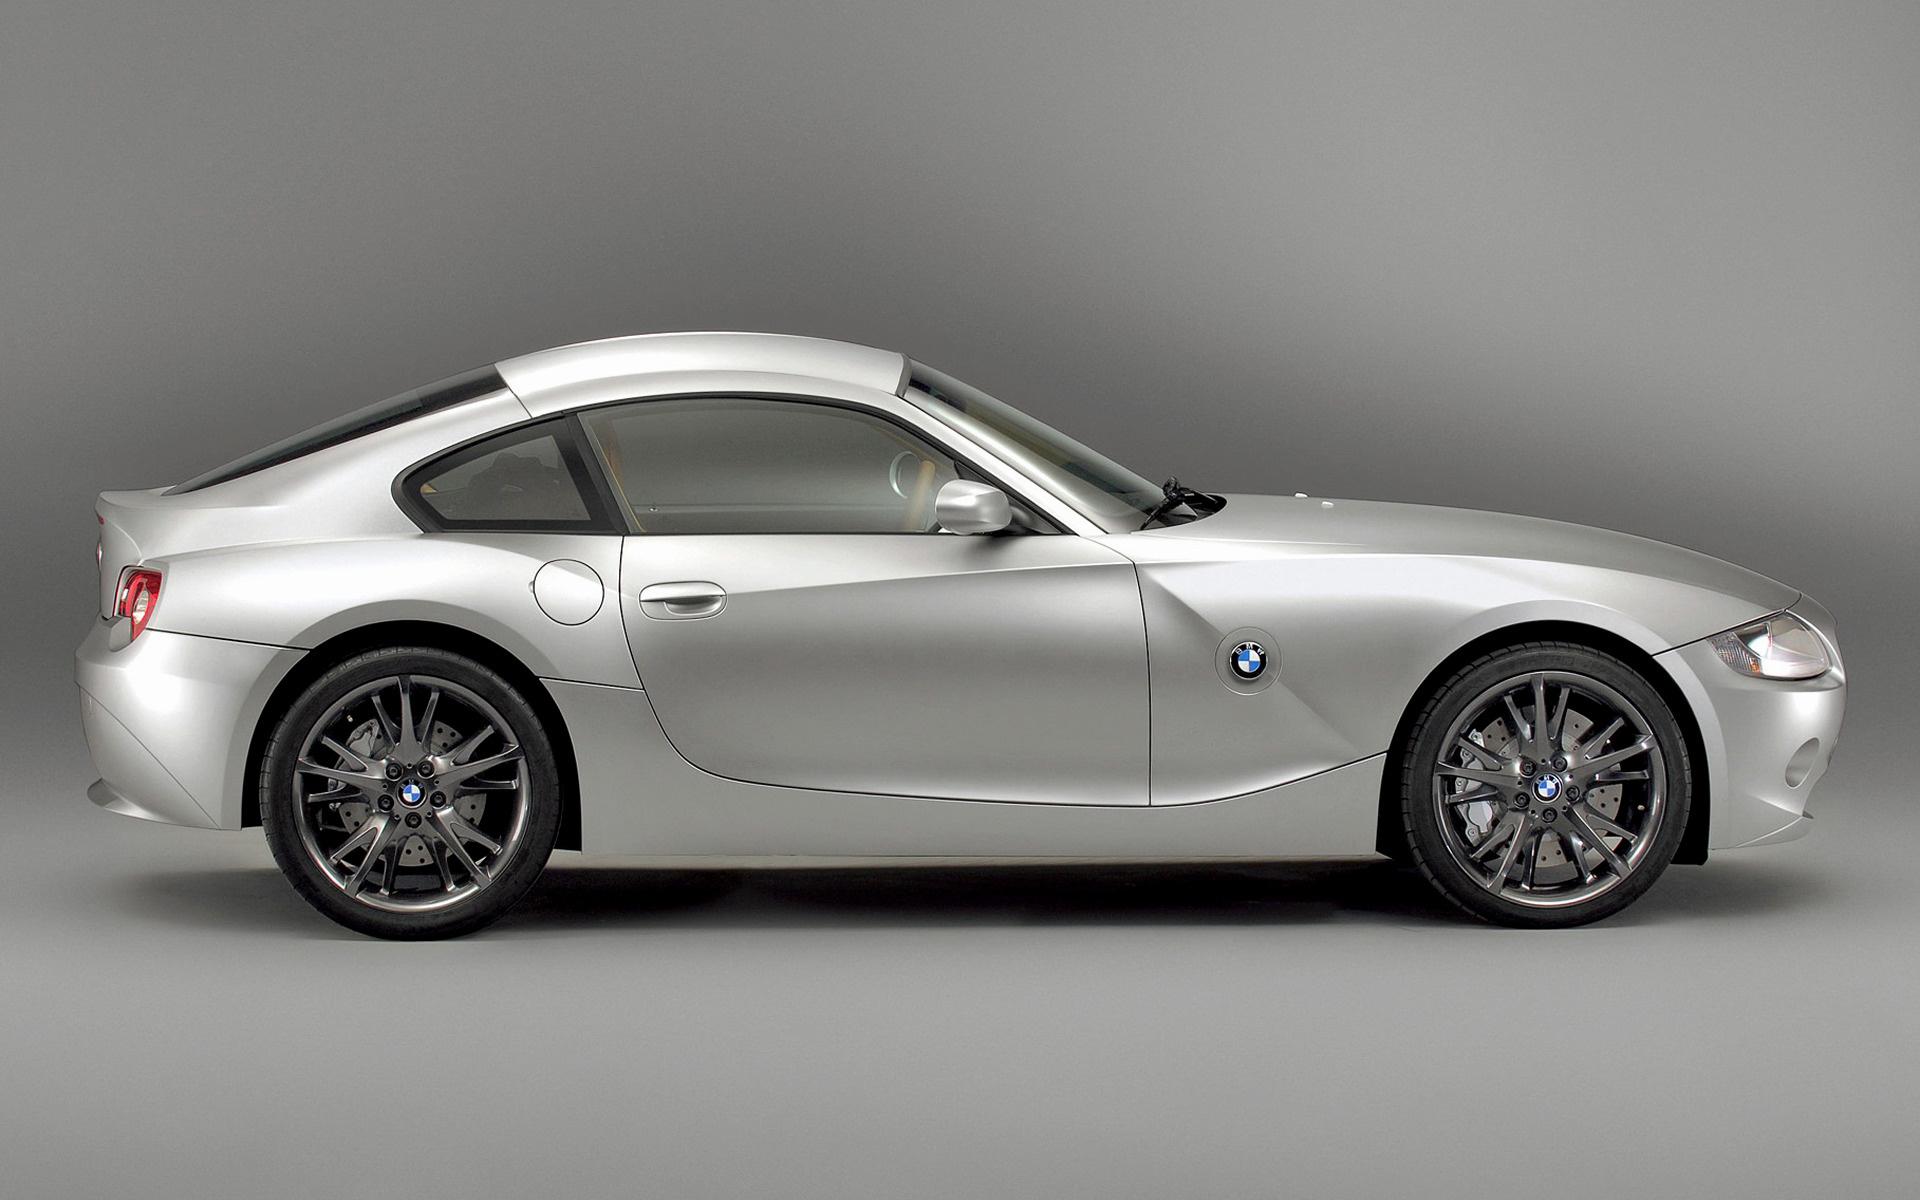 2005 Bmw Concept Z4 Coupe Papeis De Parede E Imagens De Fundo Em Hd Car Pixel